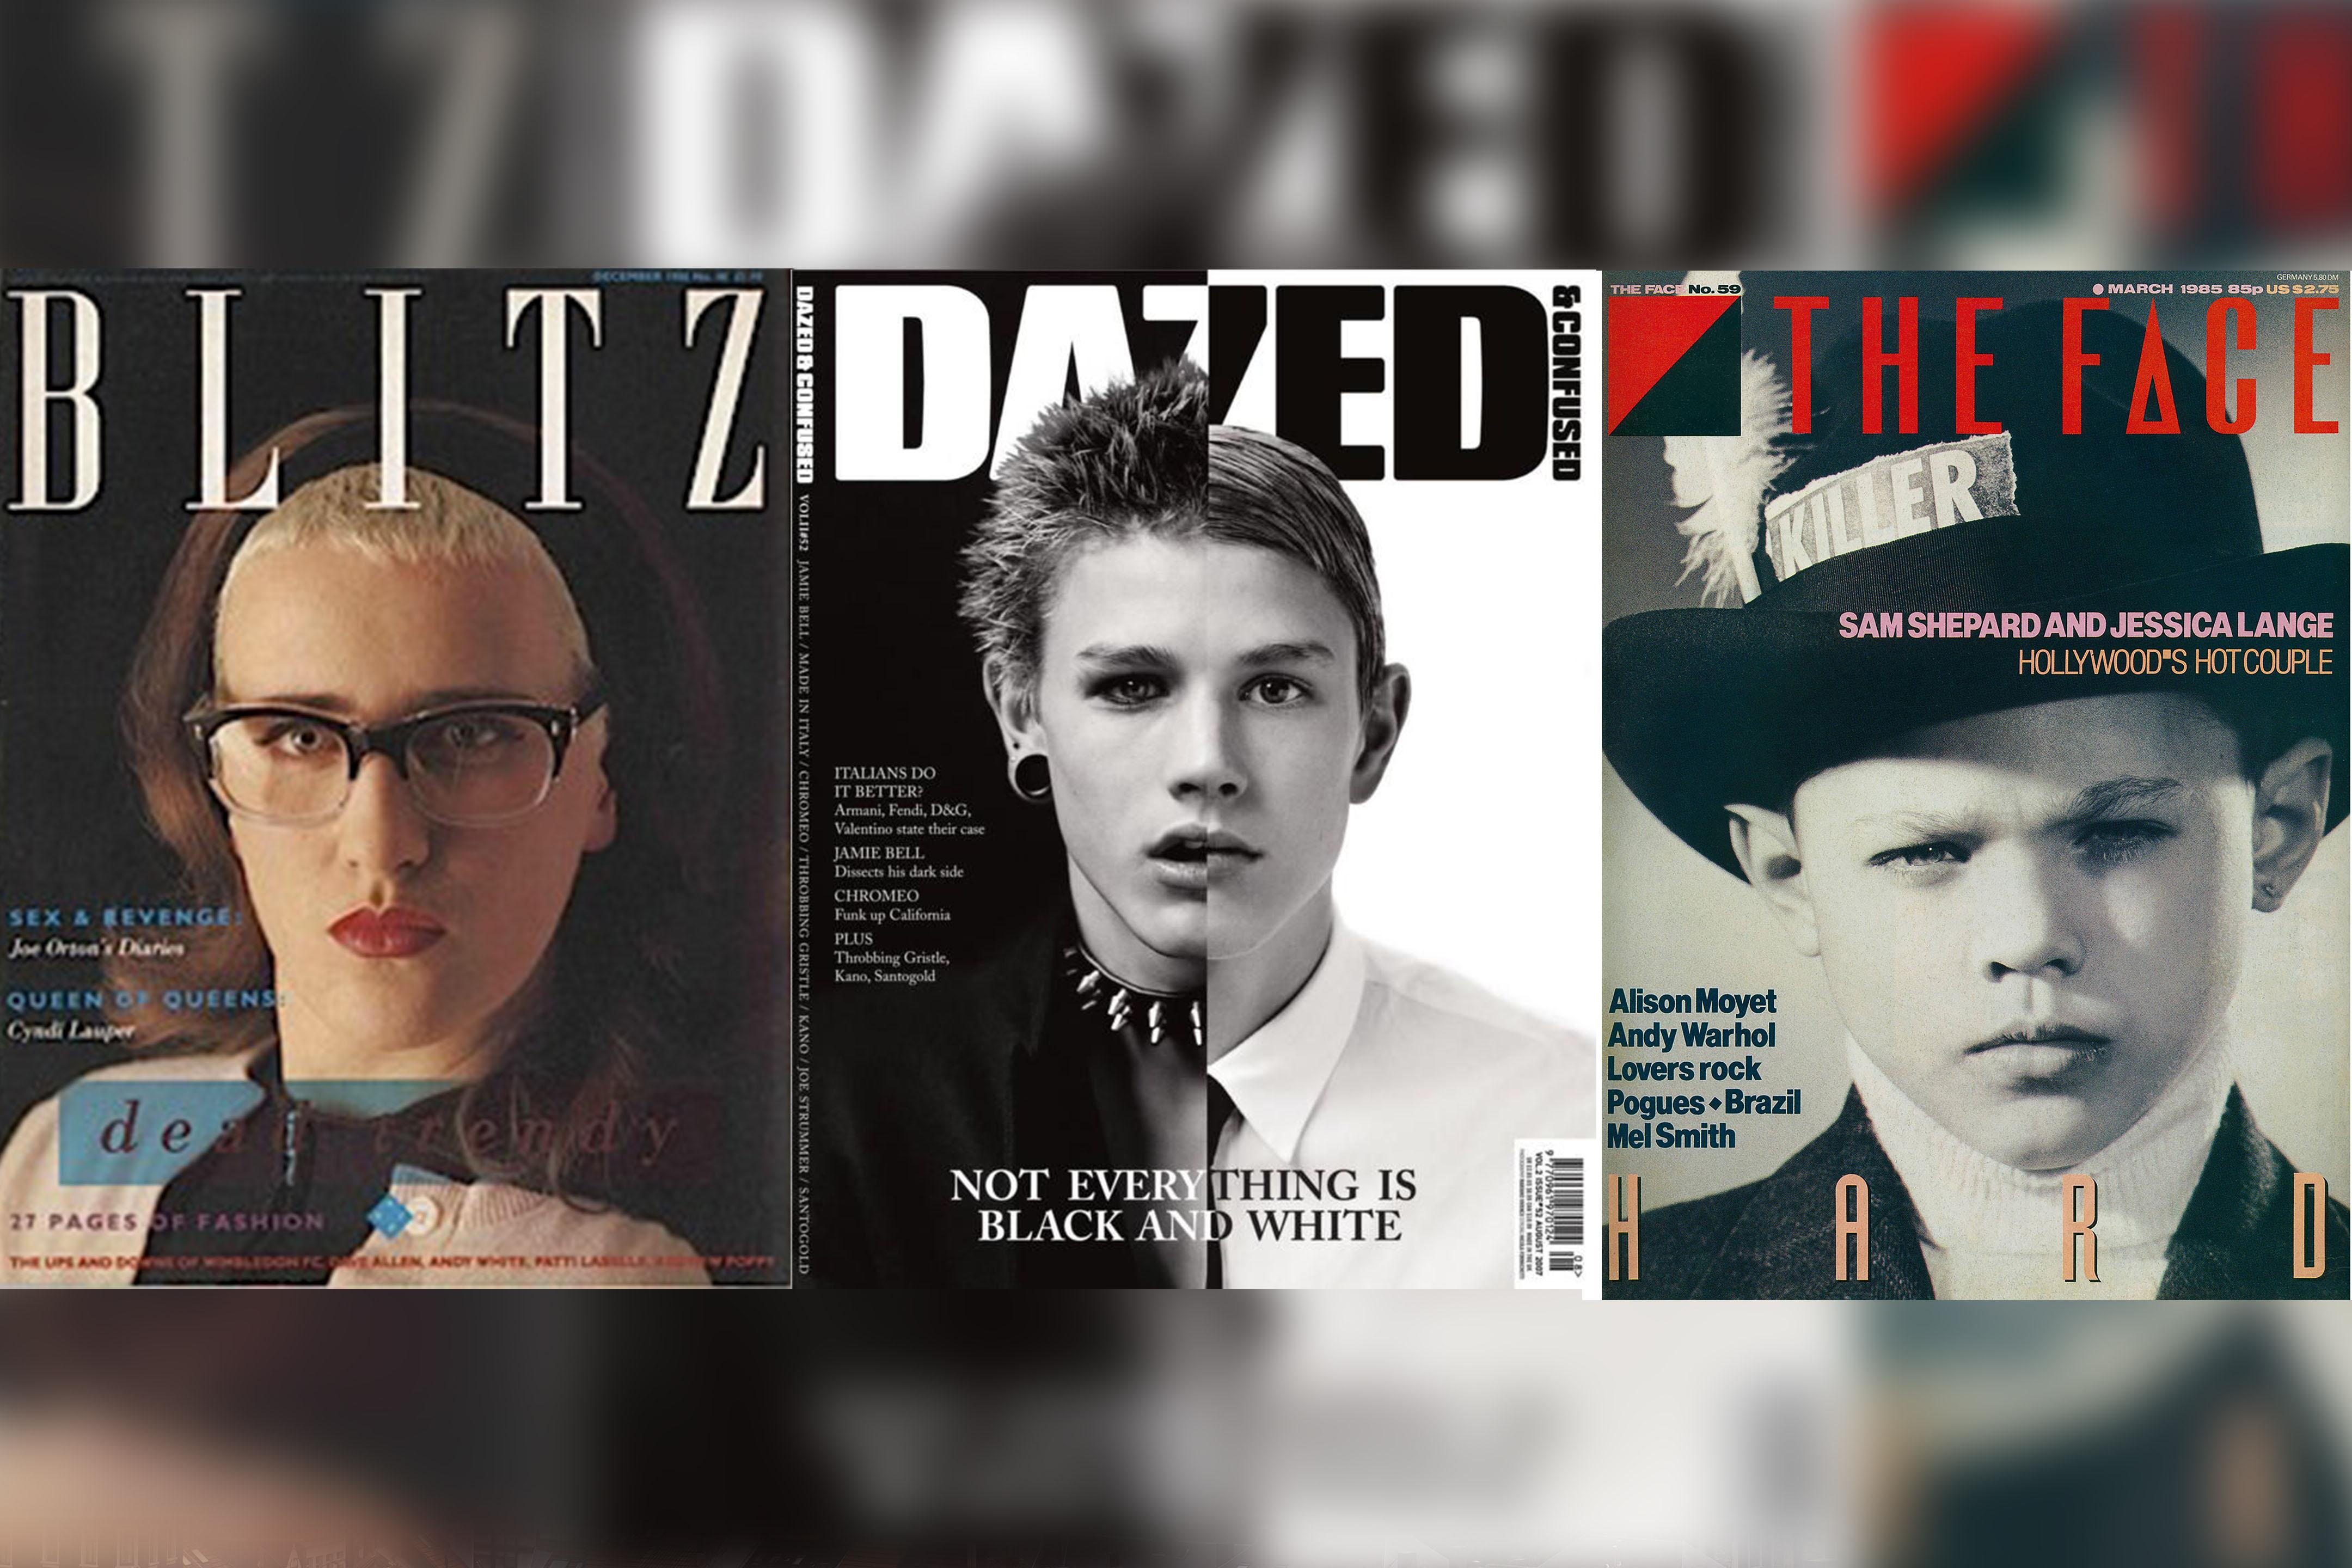 blitz dazed and confused the face magazine - Anversa e la moda: una tempesta perfetta